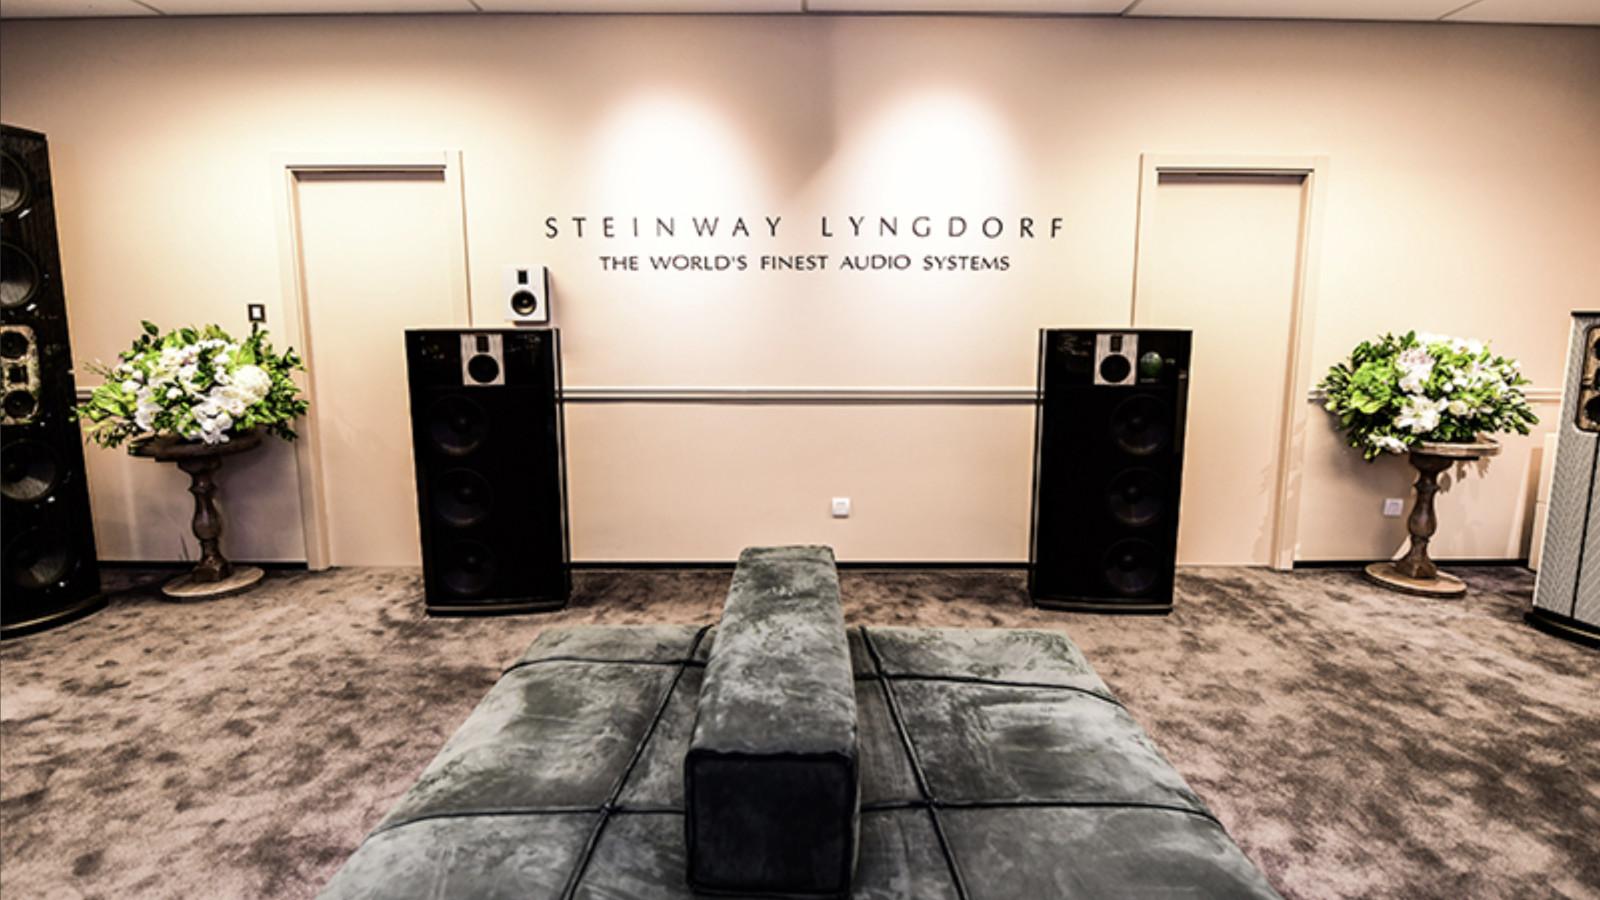 steinway-lyngdorf-flagship-showroom-in-shanghai